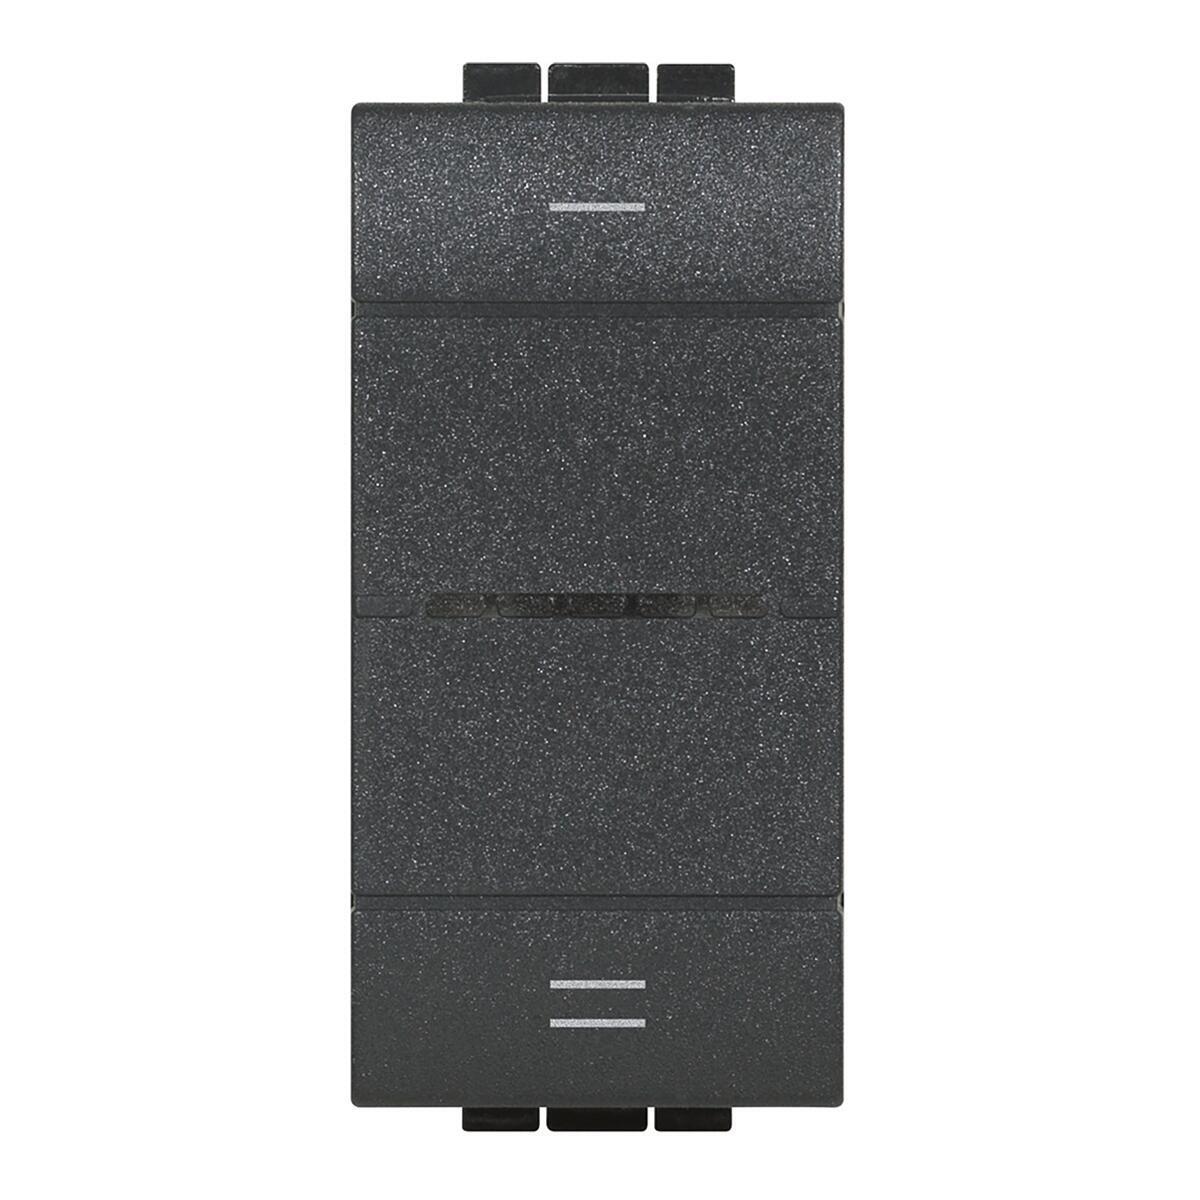 Interruttore Livinglight smart BTICINO nero - 1